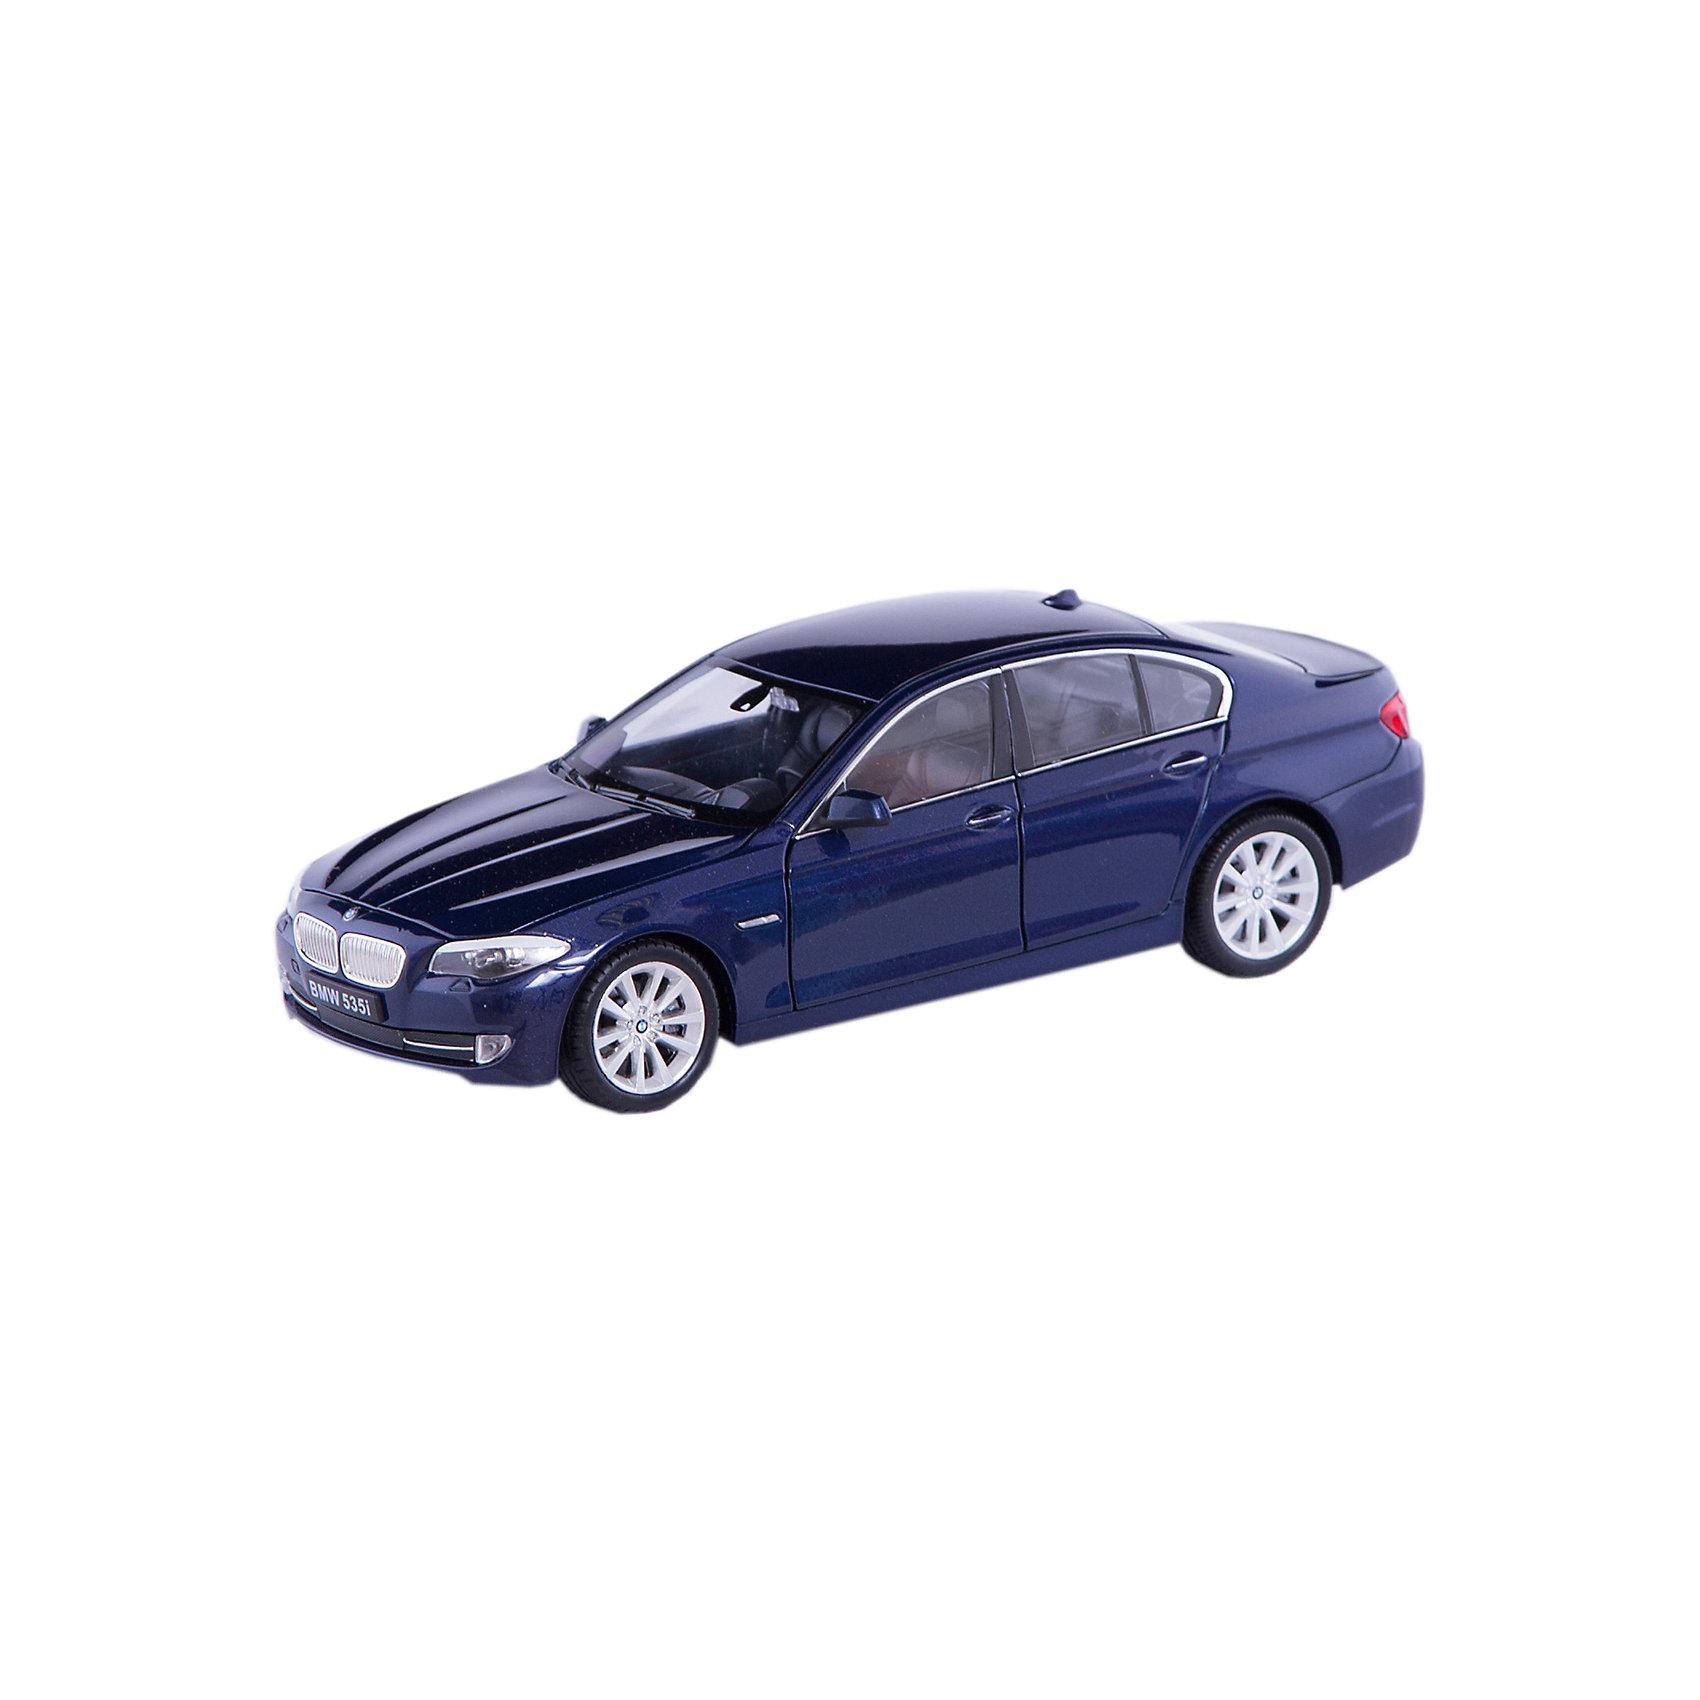 Модель машины 1:24 BMW 535I, WellyМодель машины BMW 535I, Welly (Велли) станет замечательным подарком для автолюбителей и коллекционеров всех возрастов. В коллекции масштабных моделей Welly представлено все многообразие автотехники: ретро-автомобили, легковые автомобили различных марок, грузовики, автомобили городских служб и многое другое. Все машинки отличаются высокой степенью детализации и тщательной проработкой всех элементов.<br><br>Машинка BMW 535I представляет собой точную копию настоящего автомобиля в масштабе 1:24. Автомобиль BMW 535I выпускается с 2010 года и отличается способностью ускоряться до 100 км/ч за 6 секунд. Модель от Welly оснащена прочными стеклами и зеркалами заднего вида, интерьер салона, двигатель и органы управления тщательно проработаны. Двери и капот открываются, а колеса можно поворачивать с помощью руля. Корпус автомобиля выполнен из металла, а отделка салона и декоративные элементы из пластика.<br><br>Дополнительная информация:<br><br>- Материал: металл, пластик, колеса прорезиненные.<br>- Масштаб: 1:24.<br>- Размер модели: 8 х 18 х 6 см.<br>- Размер упаковки: 11 х 23 х 11 см.<br>- Вес: 0,55 кг. <br><br>Модель машины BMW 535I, Welly можно купить в нашем интернет-магазине.<br><br>Ширина мм: 230<br>Глубина мм: 115<br>Высота мм: 105<br>Вес г: 550<br>Возраст от месяцев: 36<br>Возраст до месяцев: 192<br>Пол: Мужской<br>Возраст: Детский<br>SKU: 3777898